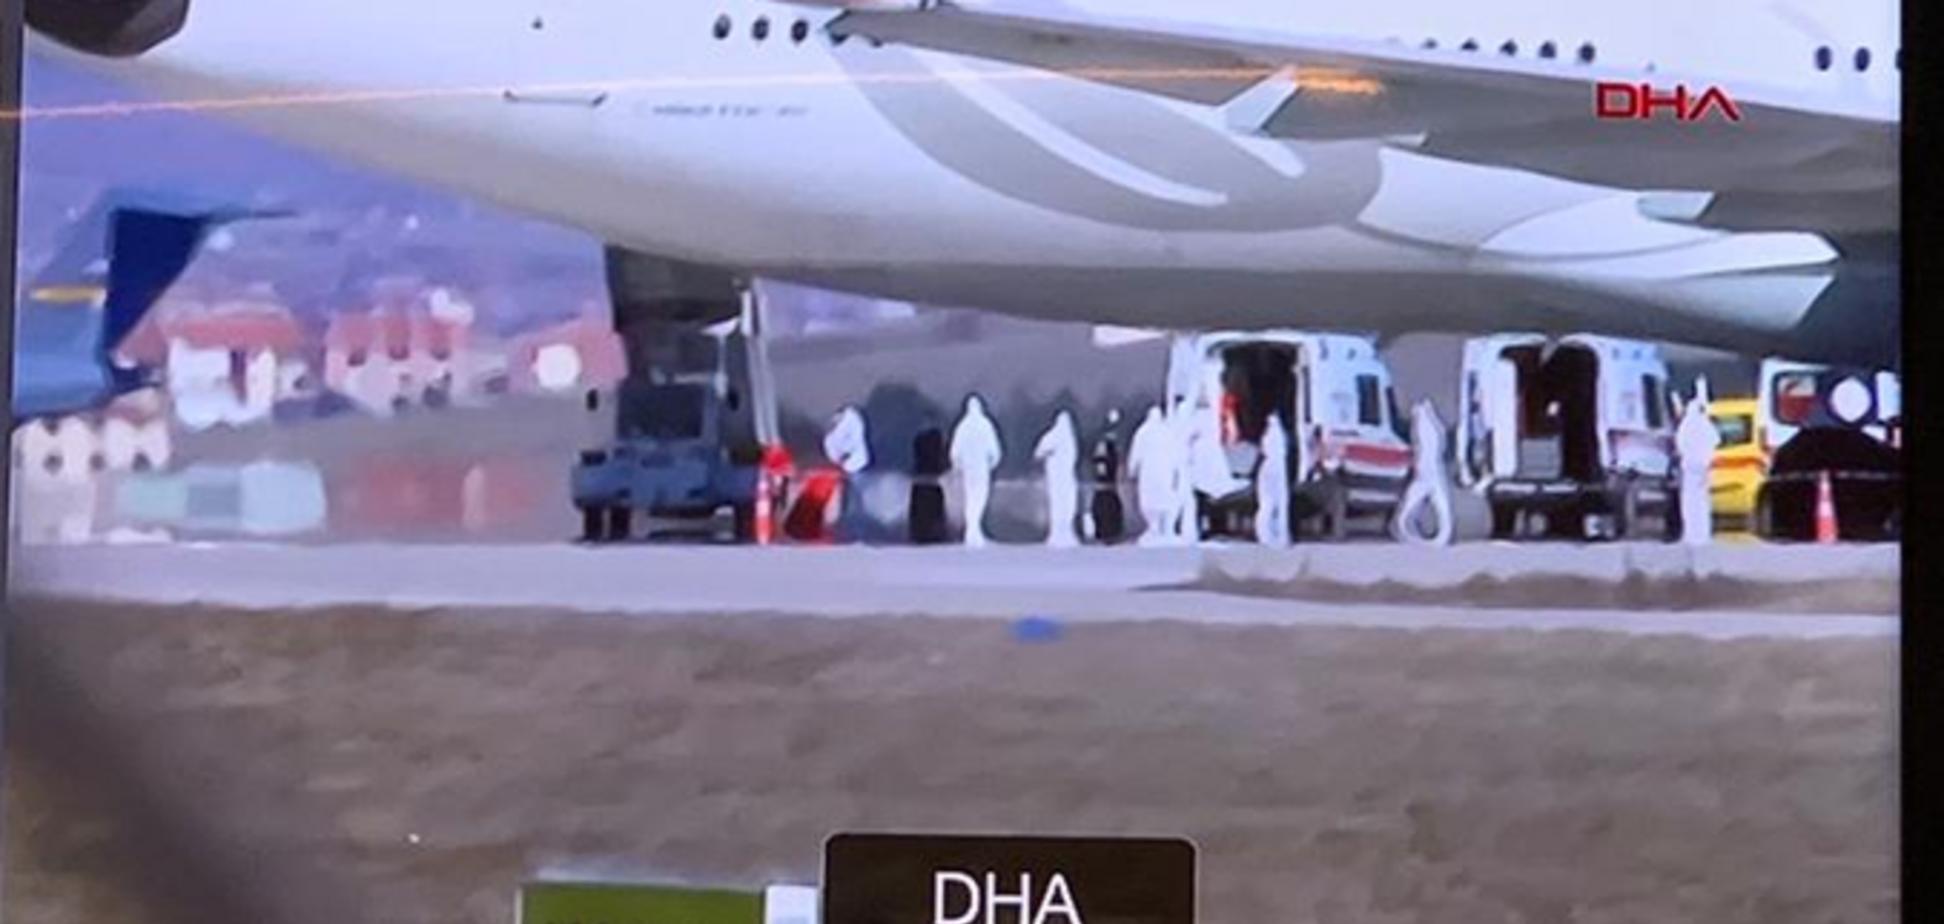 Турецкий самолет экстренносел из-за подозрения на коронавирус у пассажира